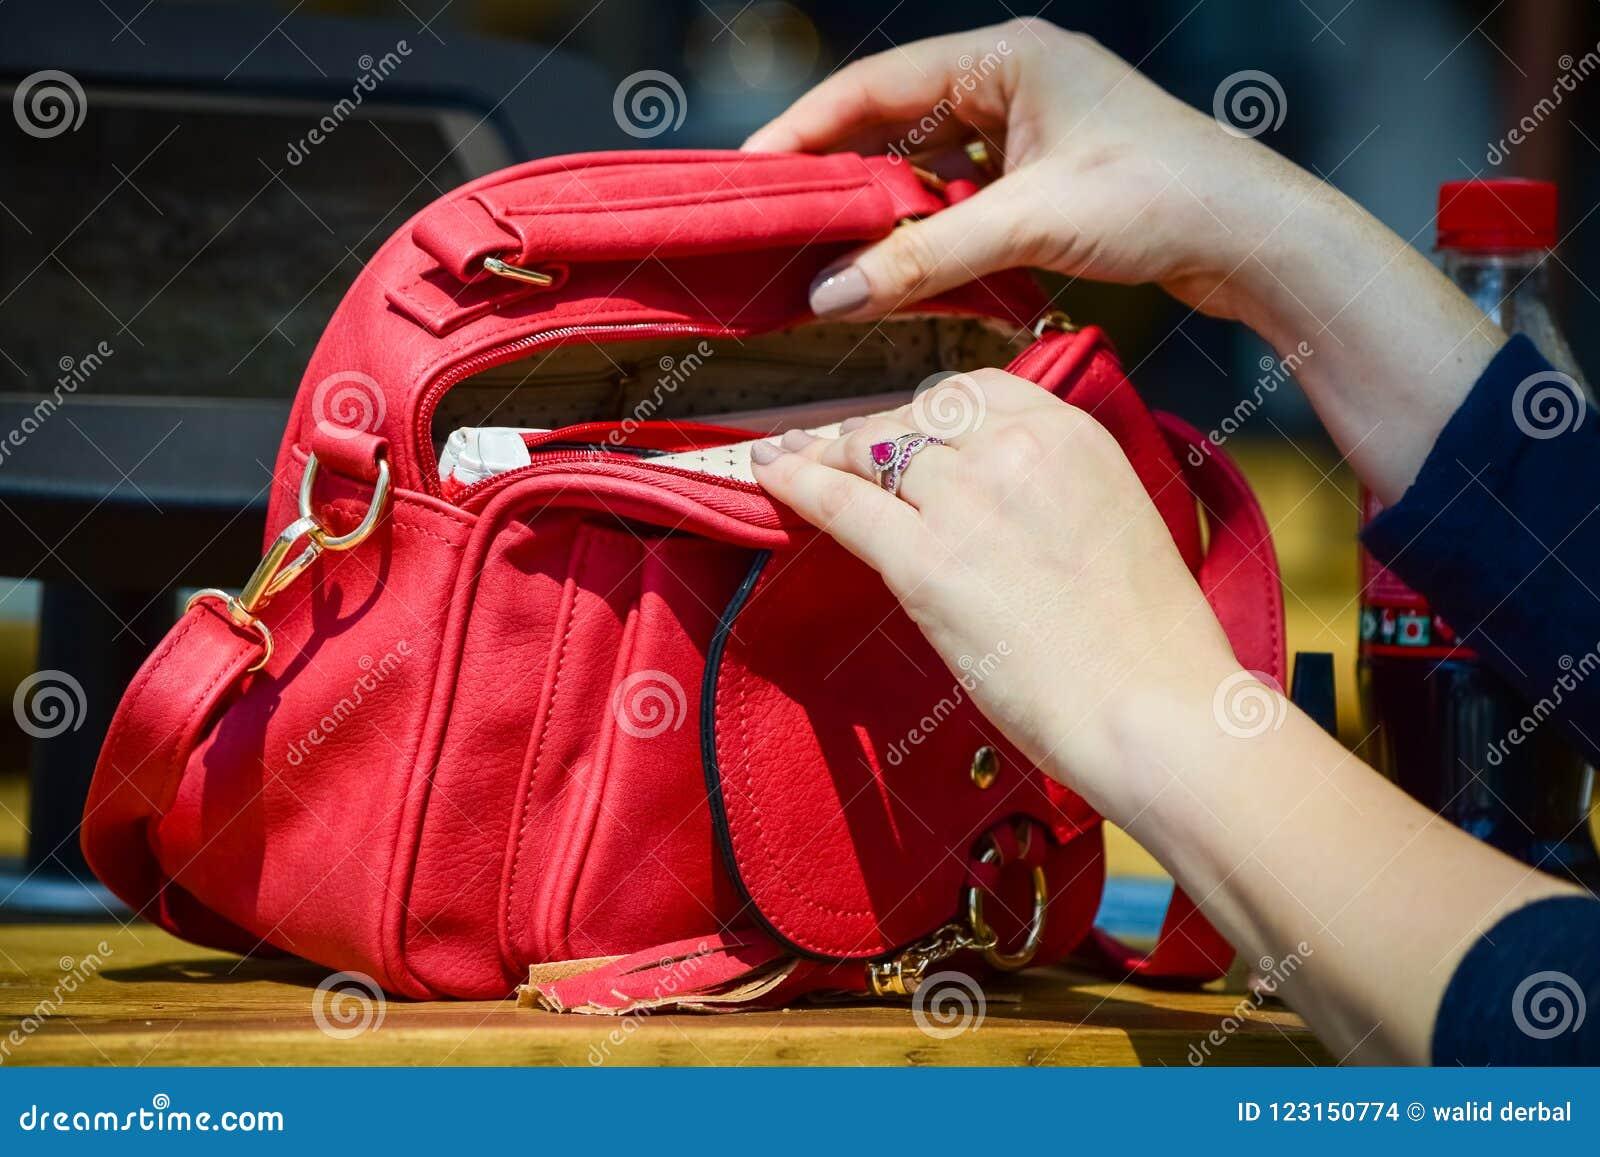 Frau übergibt öffnende rote Handtasche